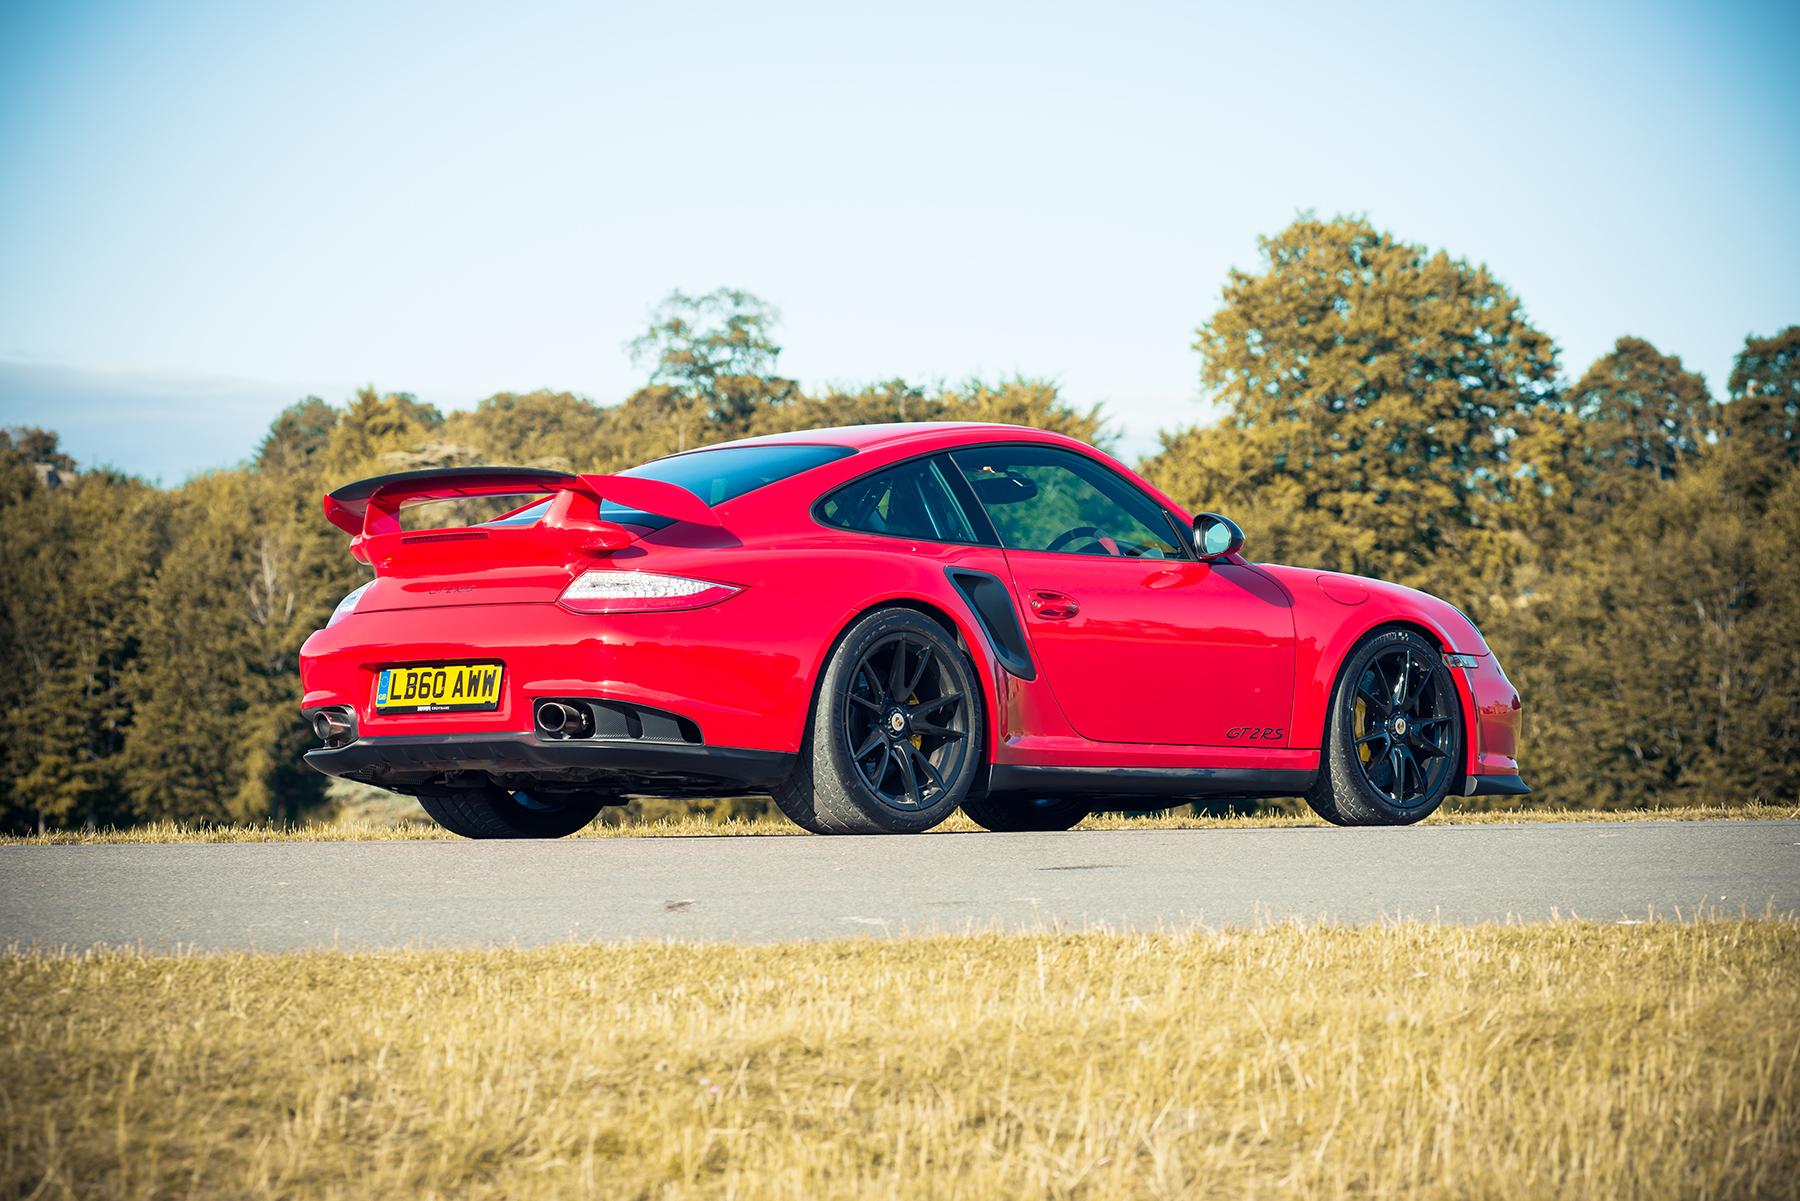 Porsche 997 GT2 RS rear